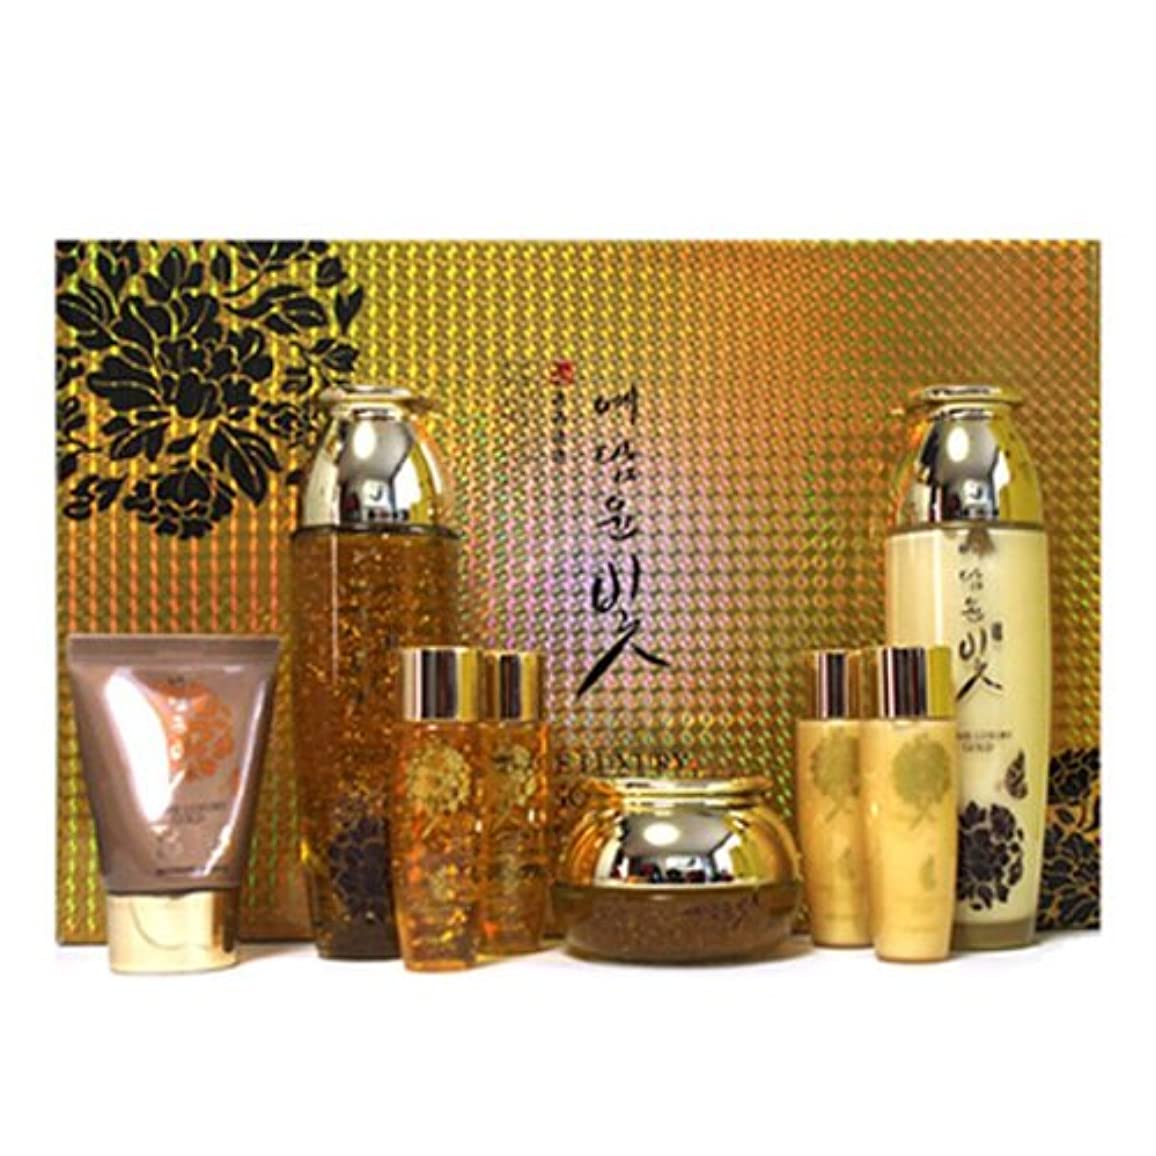 飢饉塗抹セマフォイェダムユンビト[韓国コスメYedam Yun Bit]Prime Luxury Gold Skin Care Set プライムラグジュアリーゴールドスキンケア4セット 樹液 乳液 クリーム/ BBクリーム [並行輸入品]